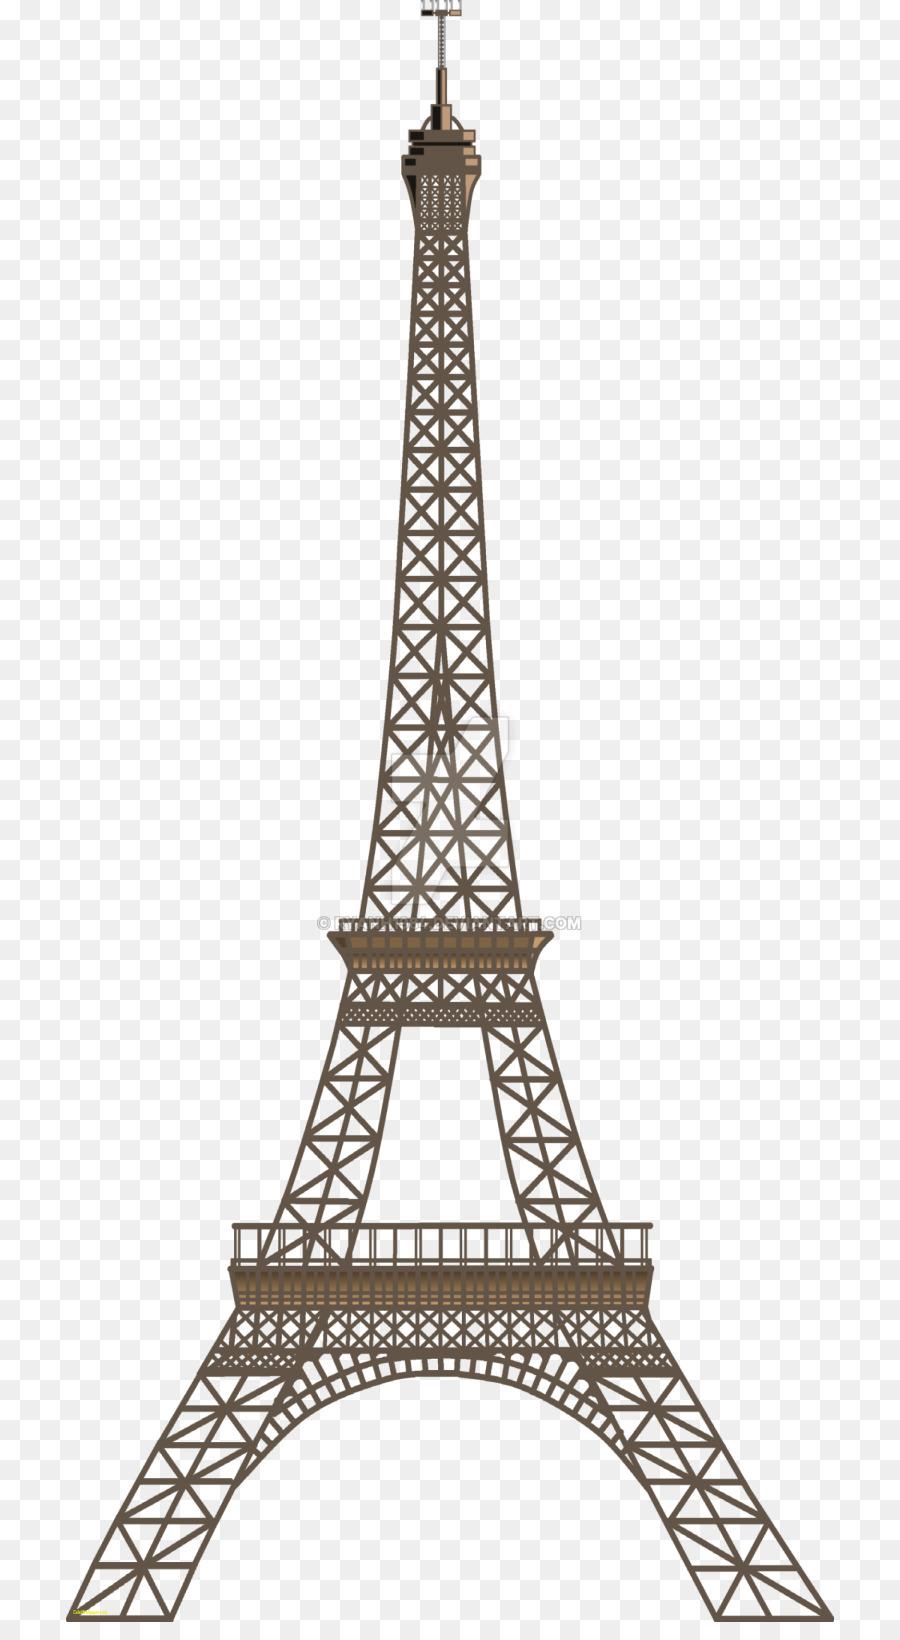 Paris eiffel tower clipart 7 » Clipart Station.